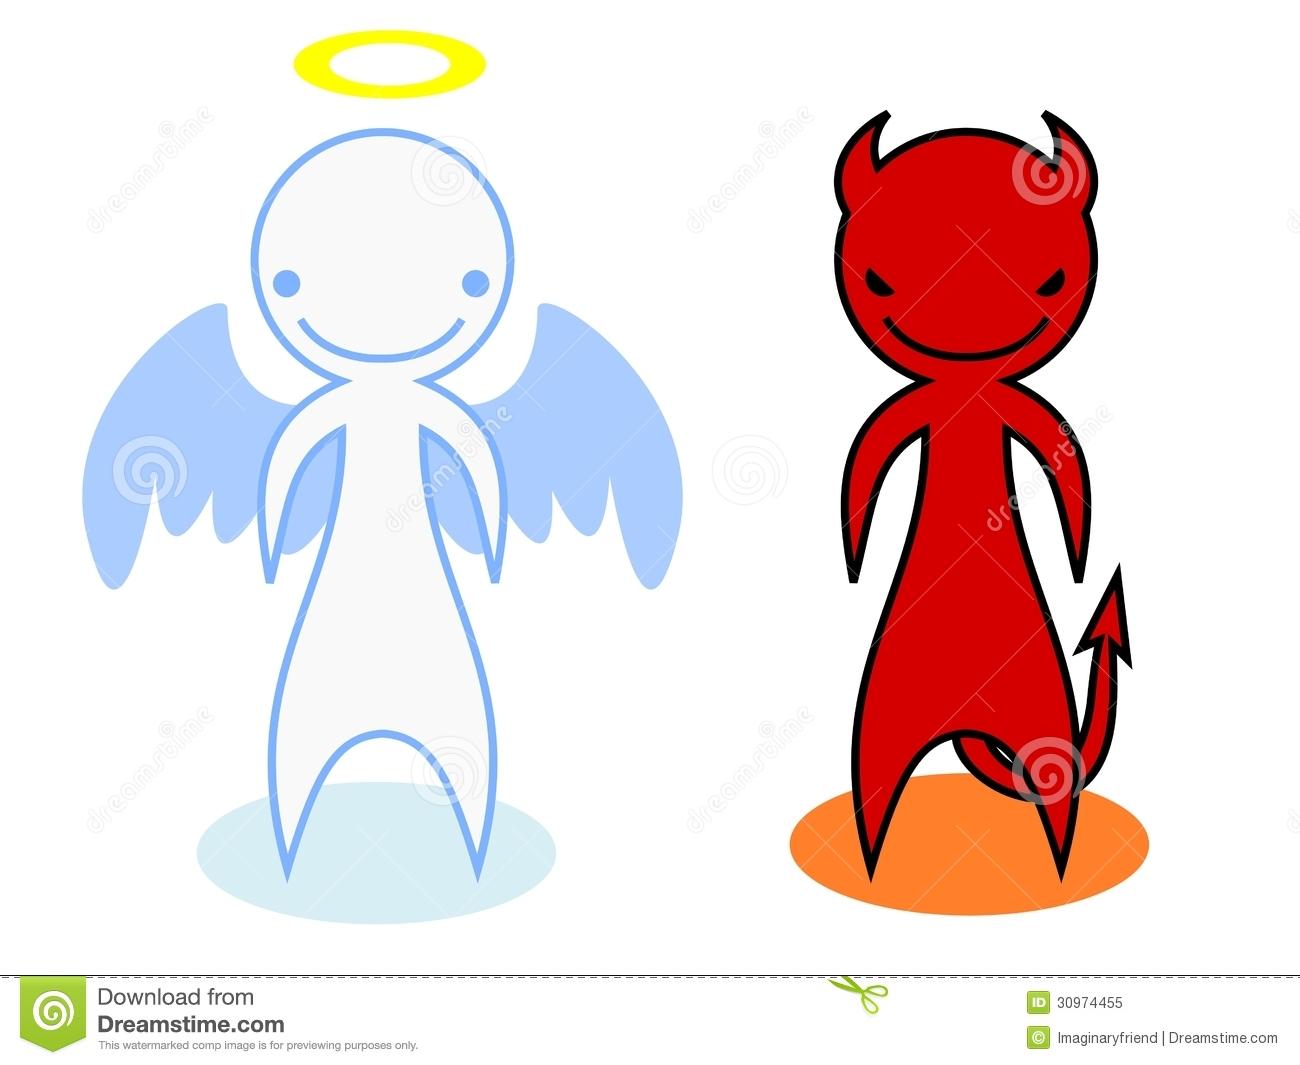 Angel Vs Devil Stock Photos - Image: 21562873 svg download